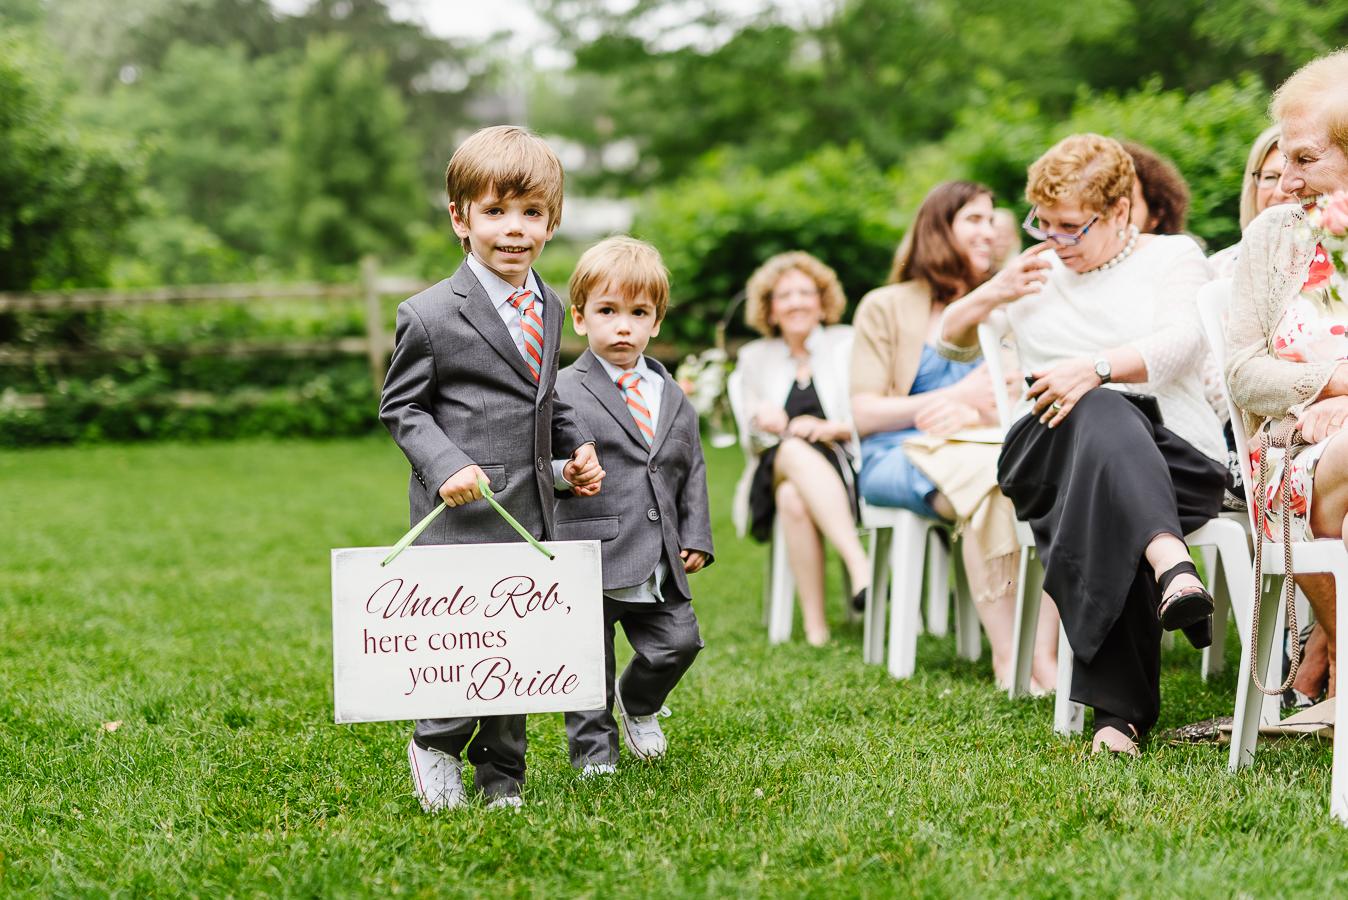 Stylish Crossed Keys Inn Wedding Crossed Keys Wedding Crossed Keys Inn Andover NJ Longbrook Photography-35.jpg